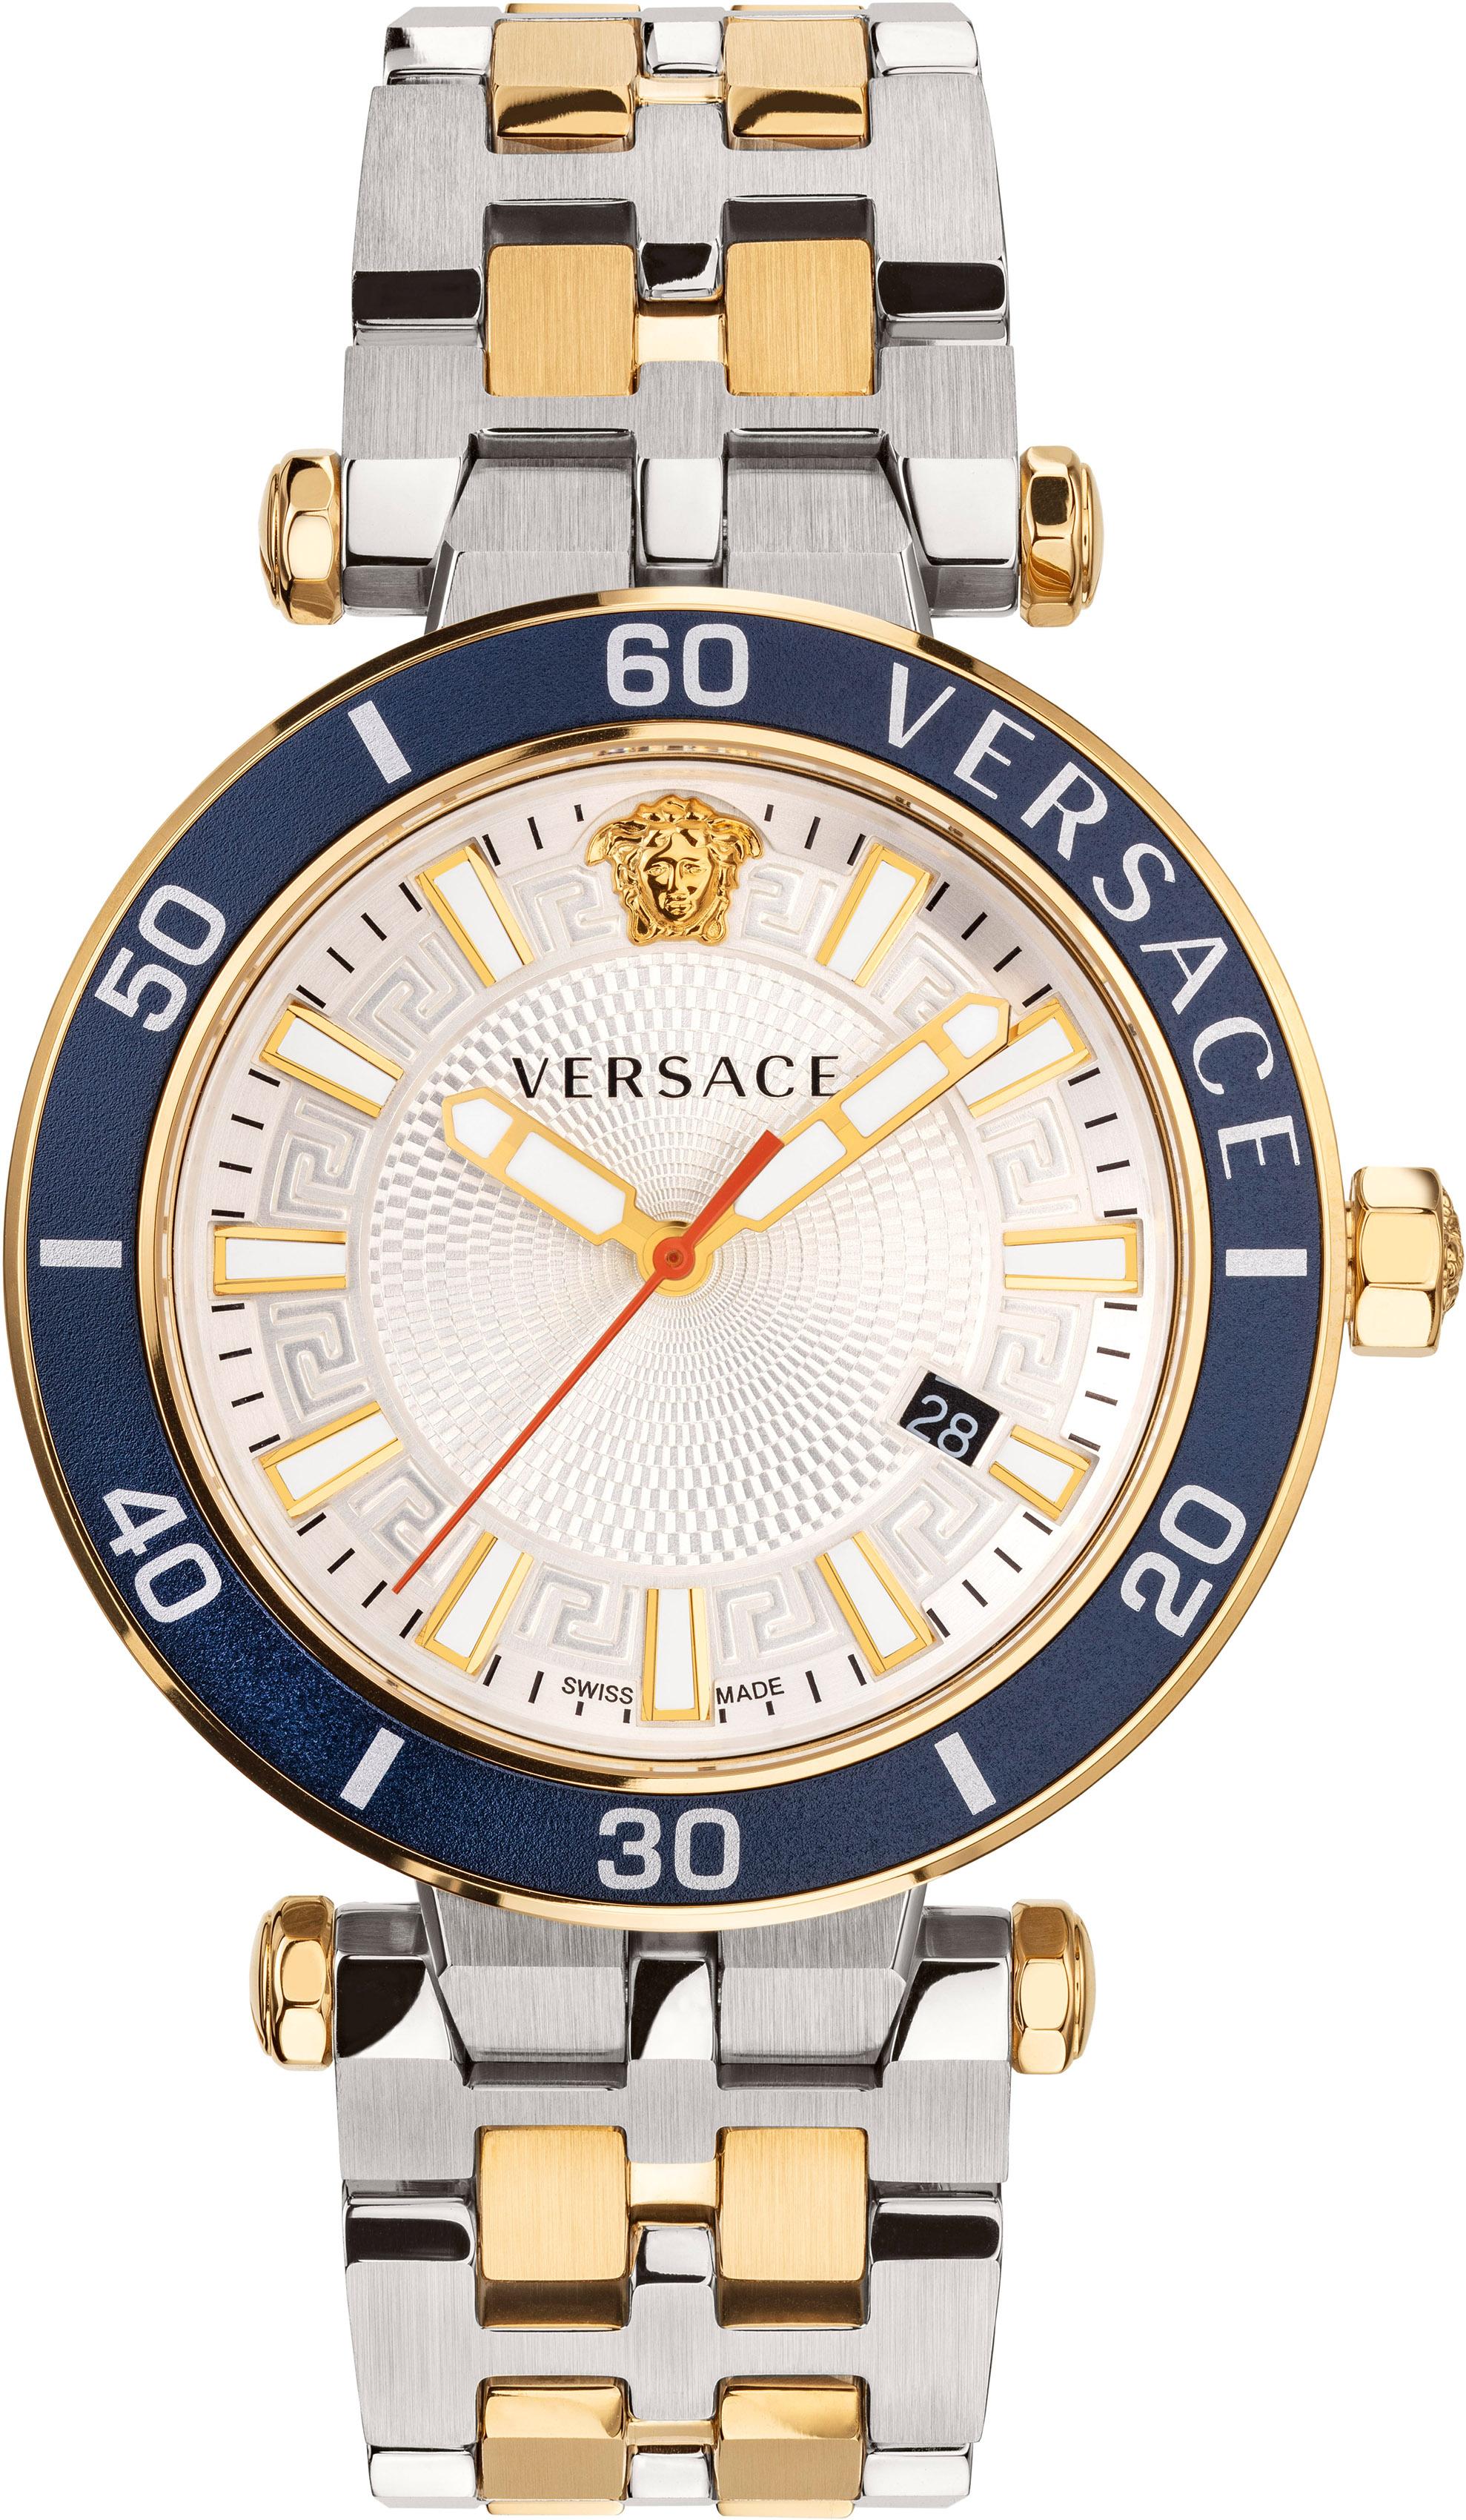 versace -  Schweizer Uhr GRECA SPORT, VEZ300521